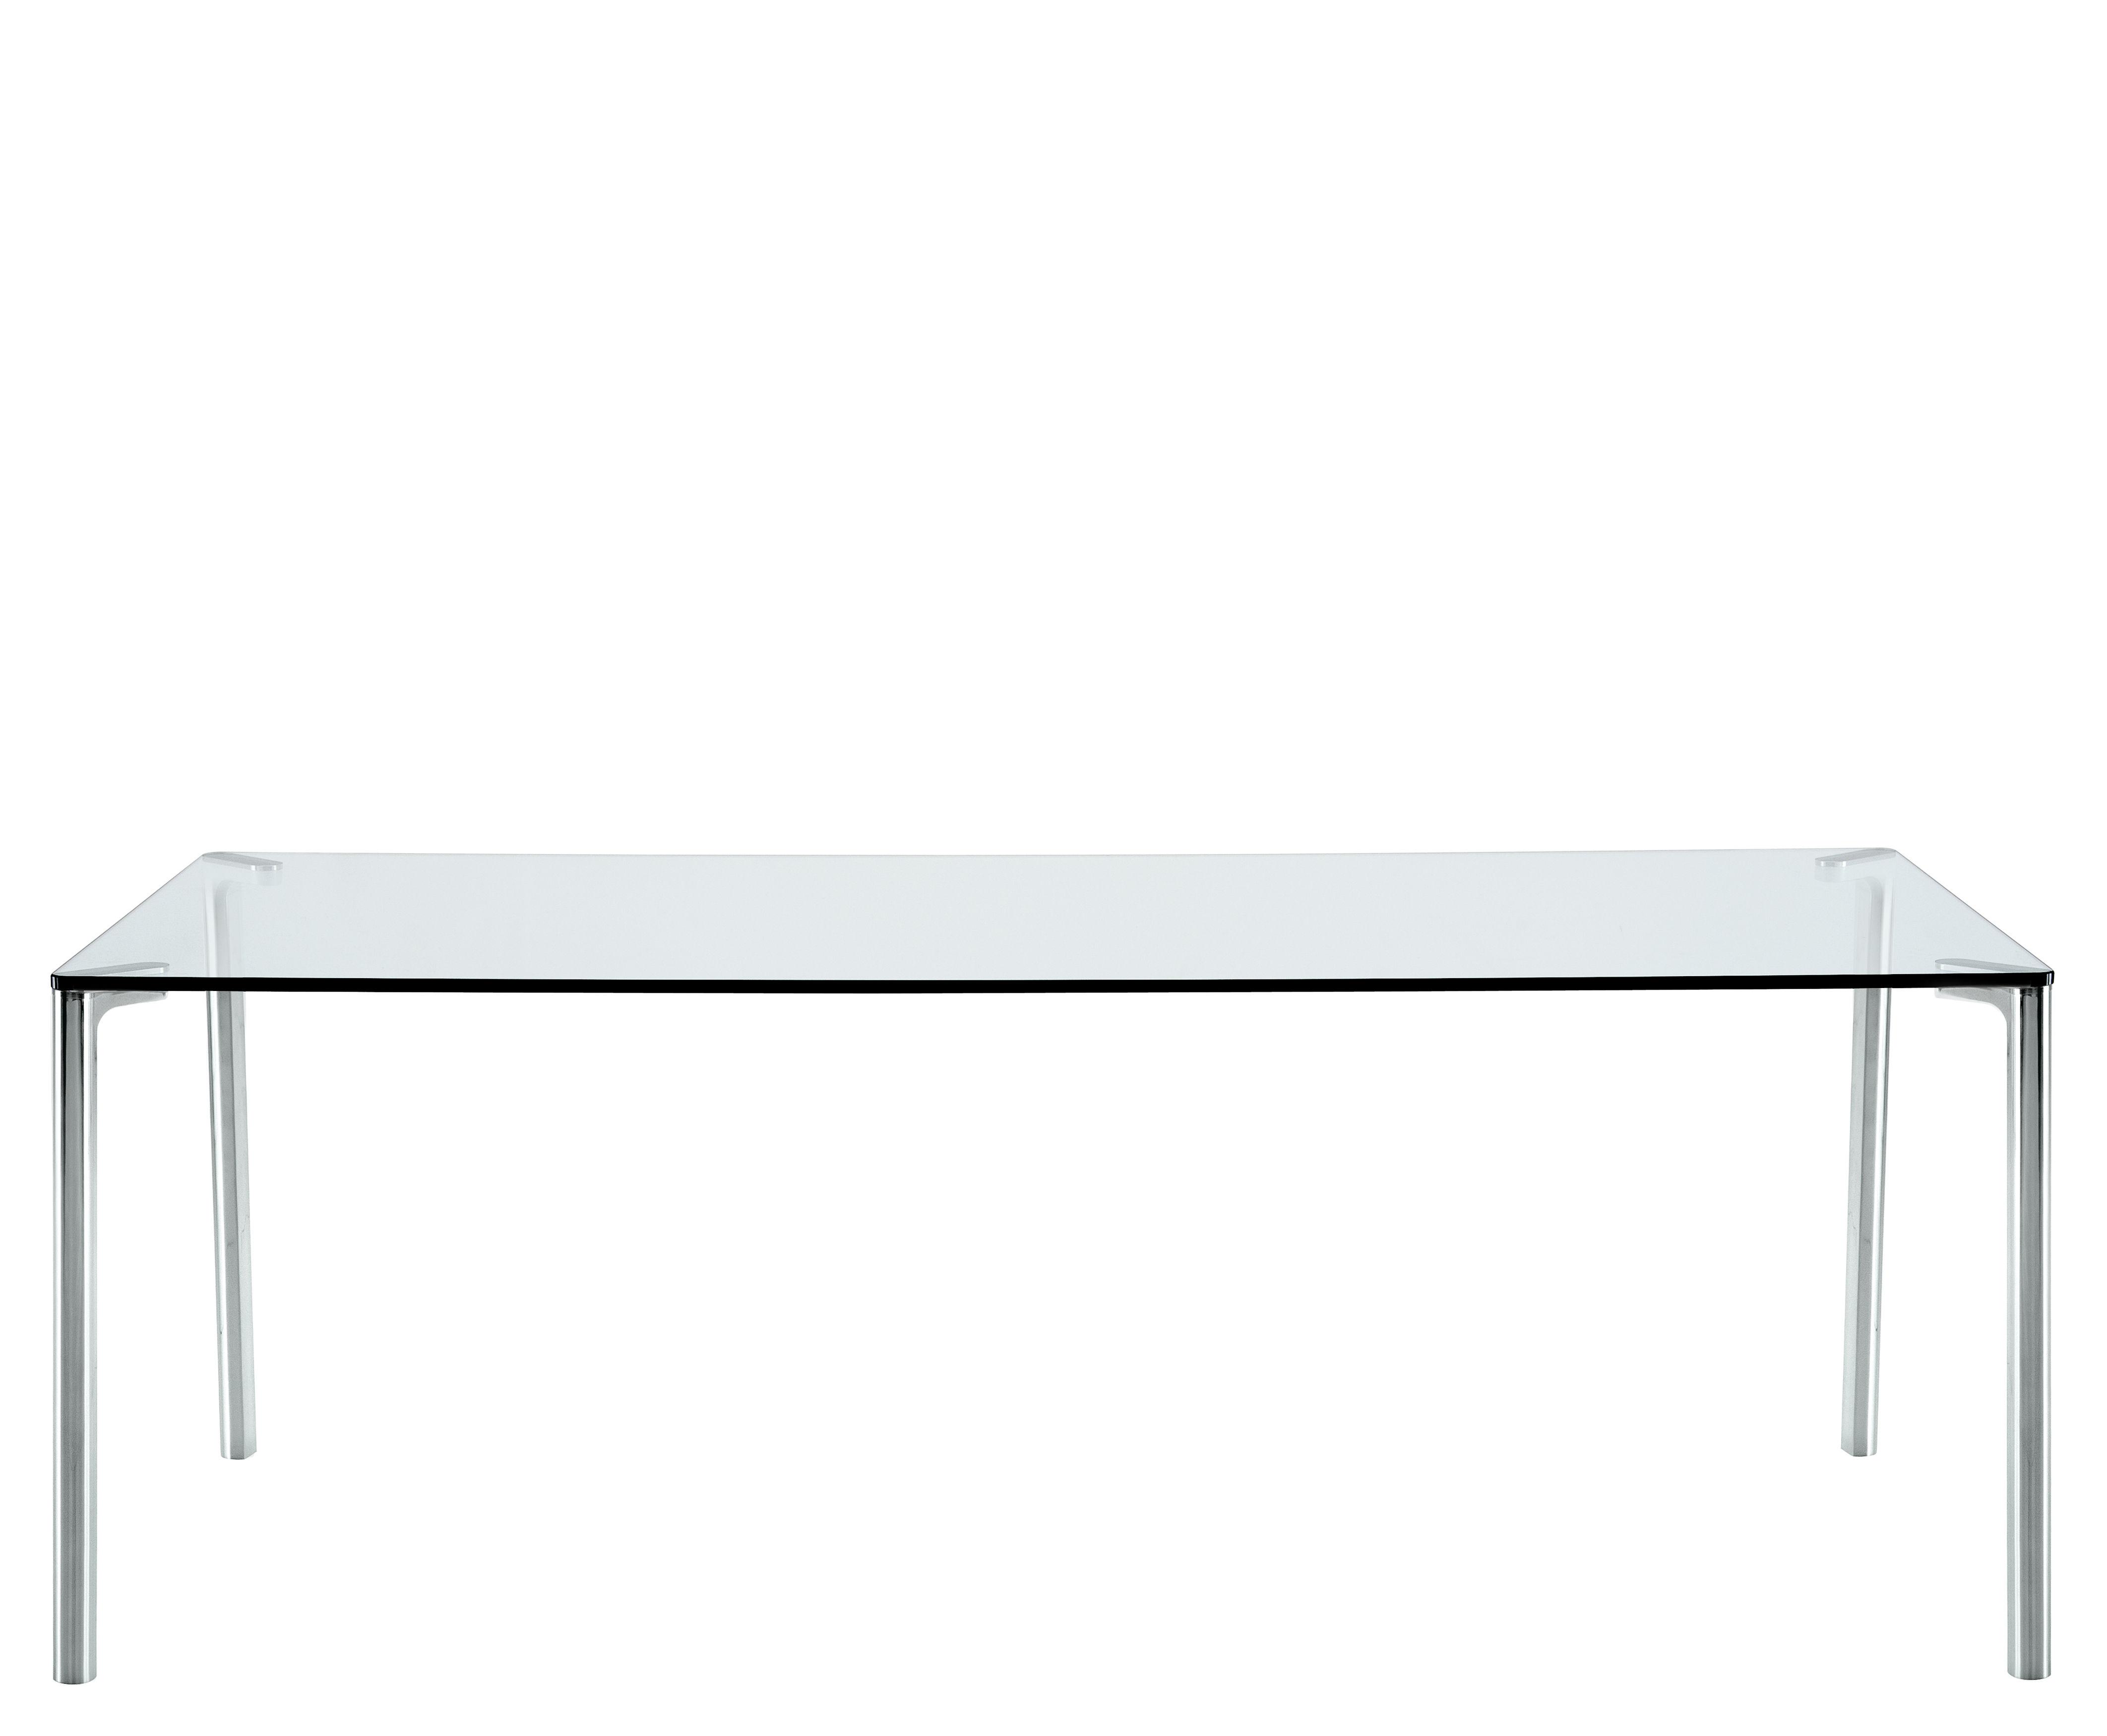 Mobilier - Tables - Table rectangulaire Spillo / 200 x 100 cm - Zanotta - Plateau transparent / Pieds alu poli - Aluminium, Verre trempé